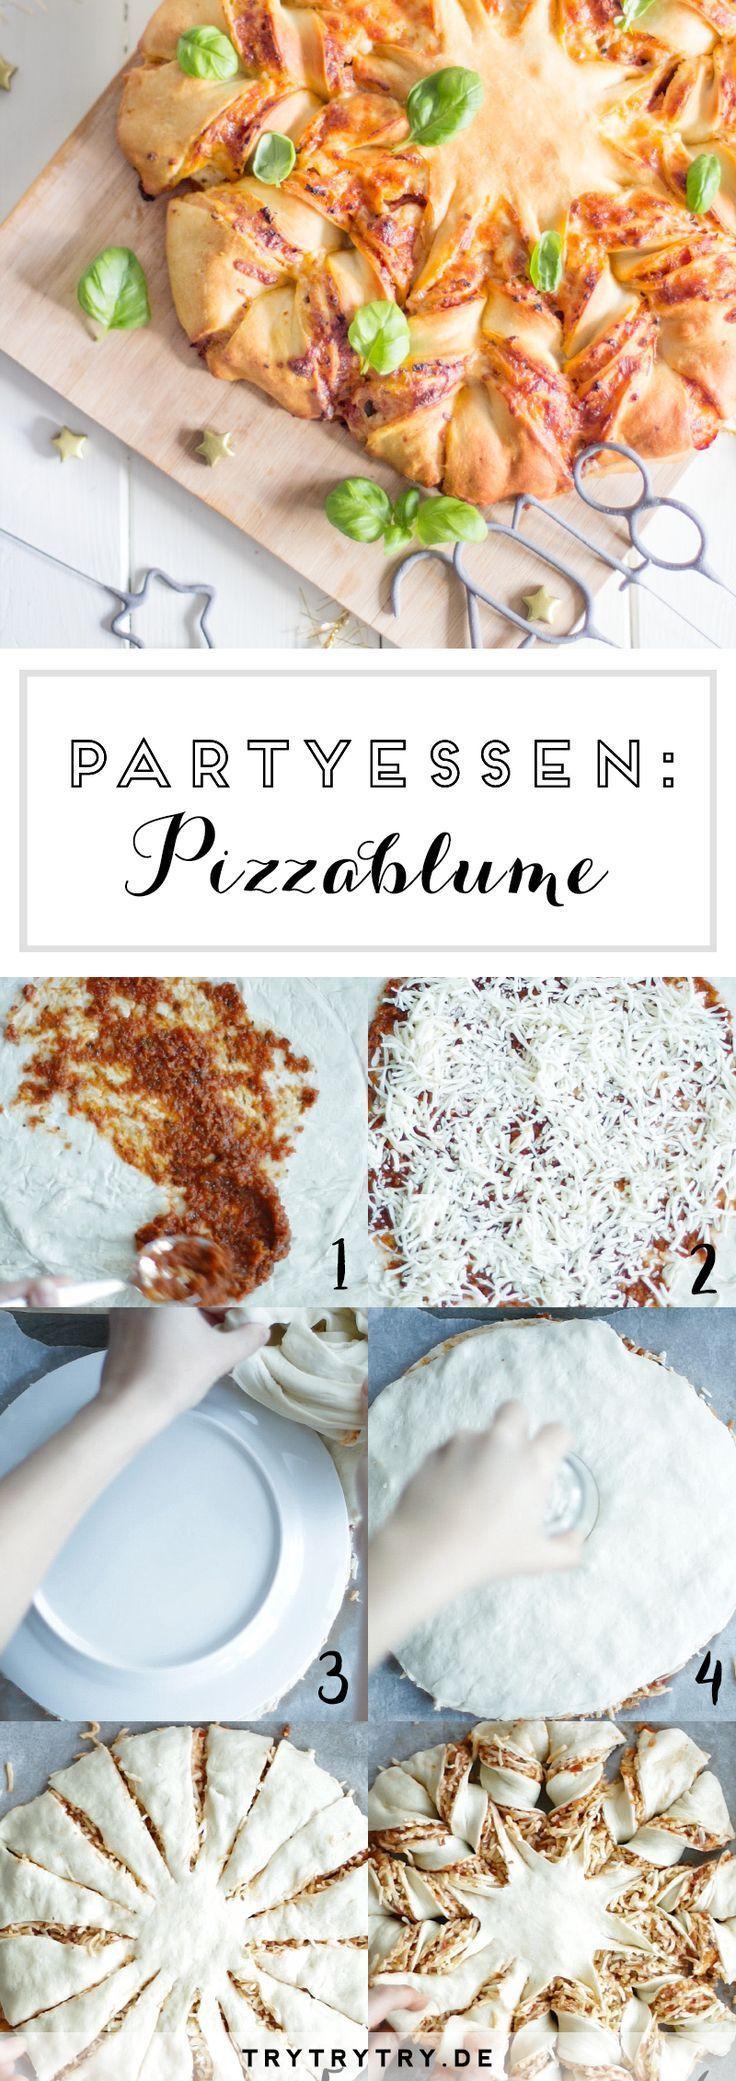 pizzablume rezept partyessen silvester fingerfood und pizza